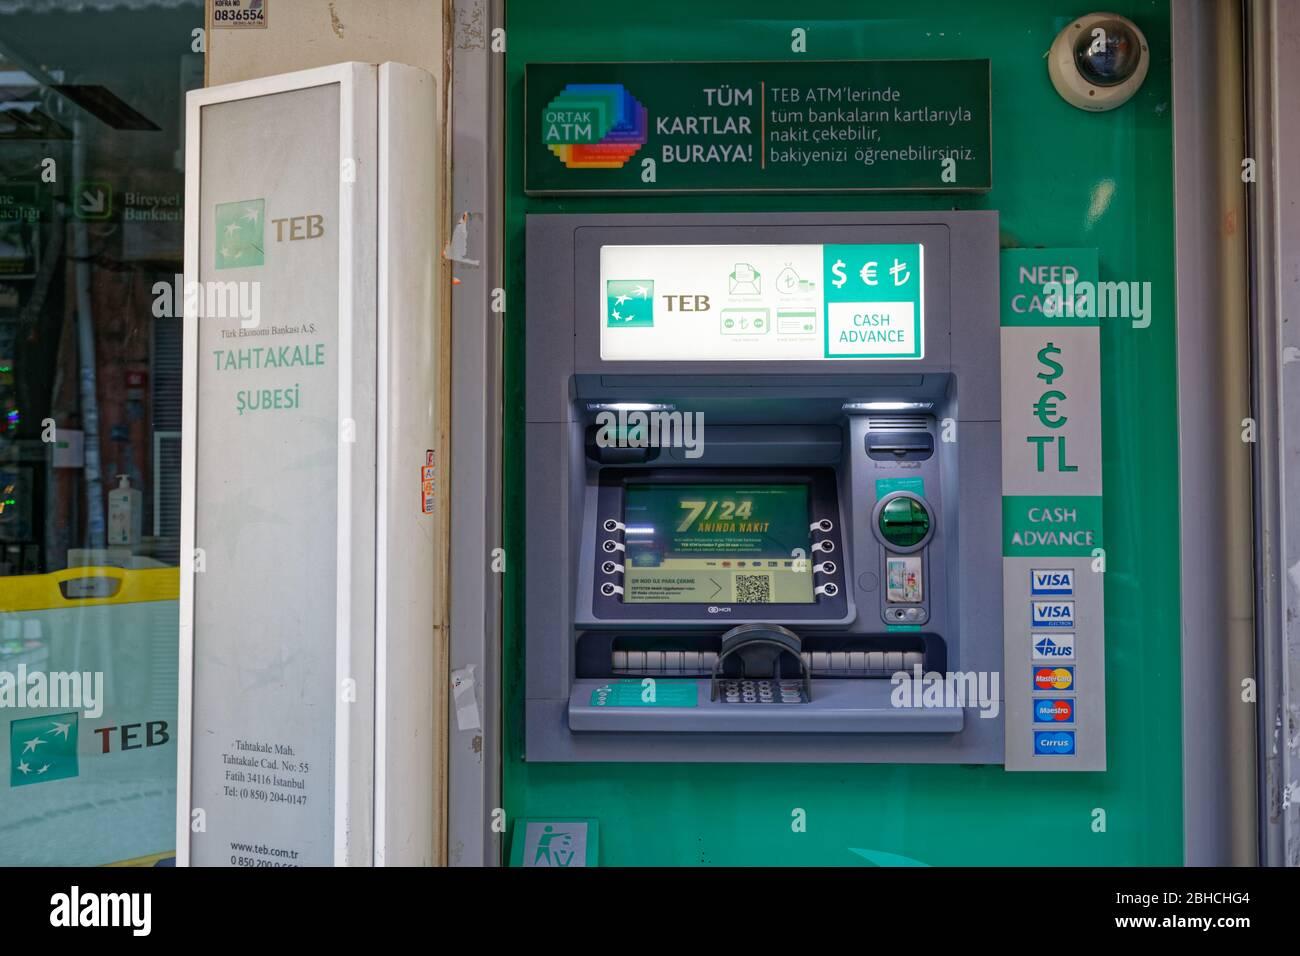 ATM de la sucursal de TEB Tahtakale en Eminonu, Estambul - Turquía. Foto de stock